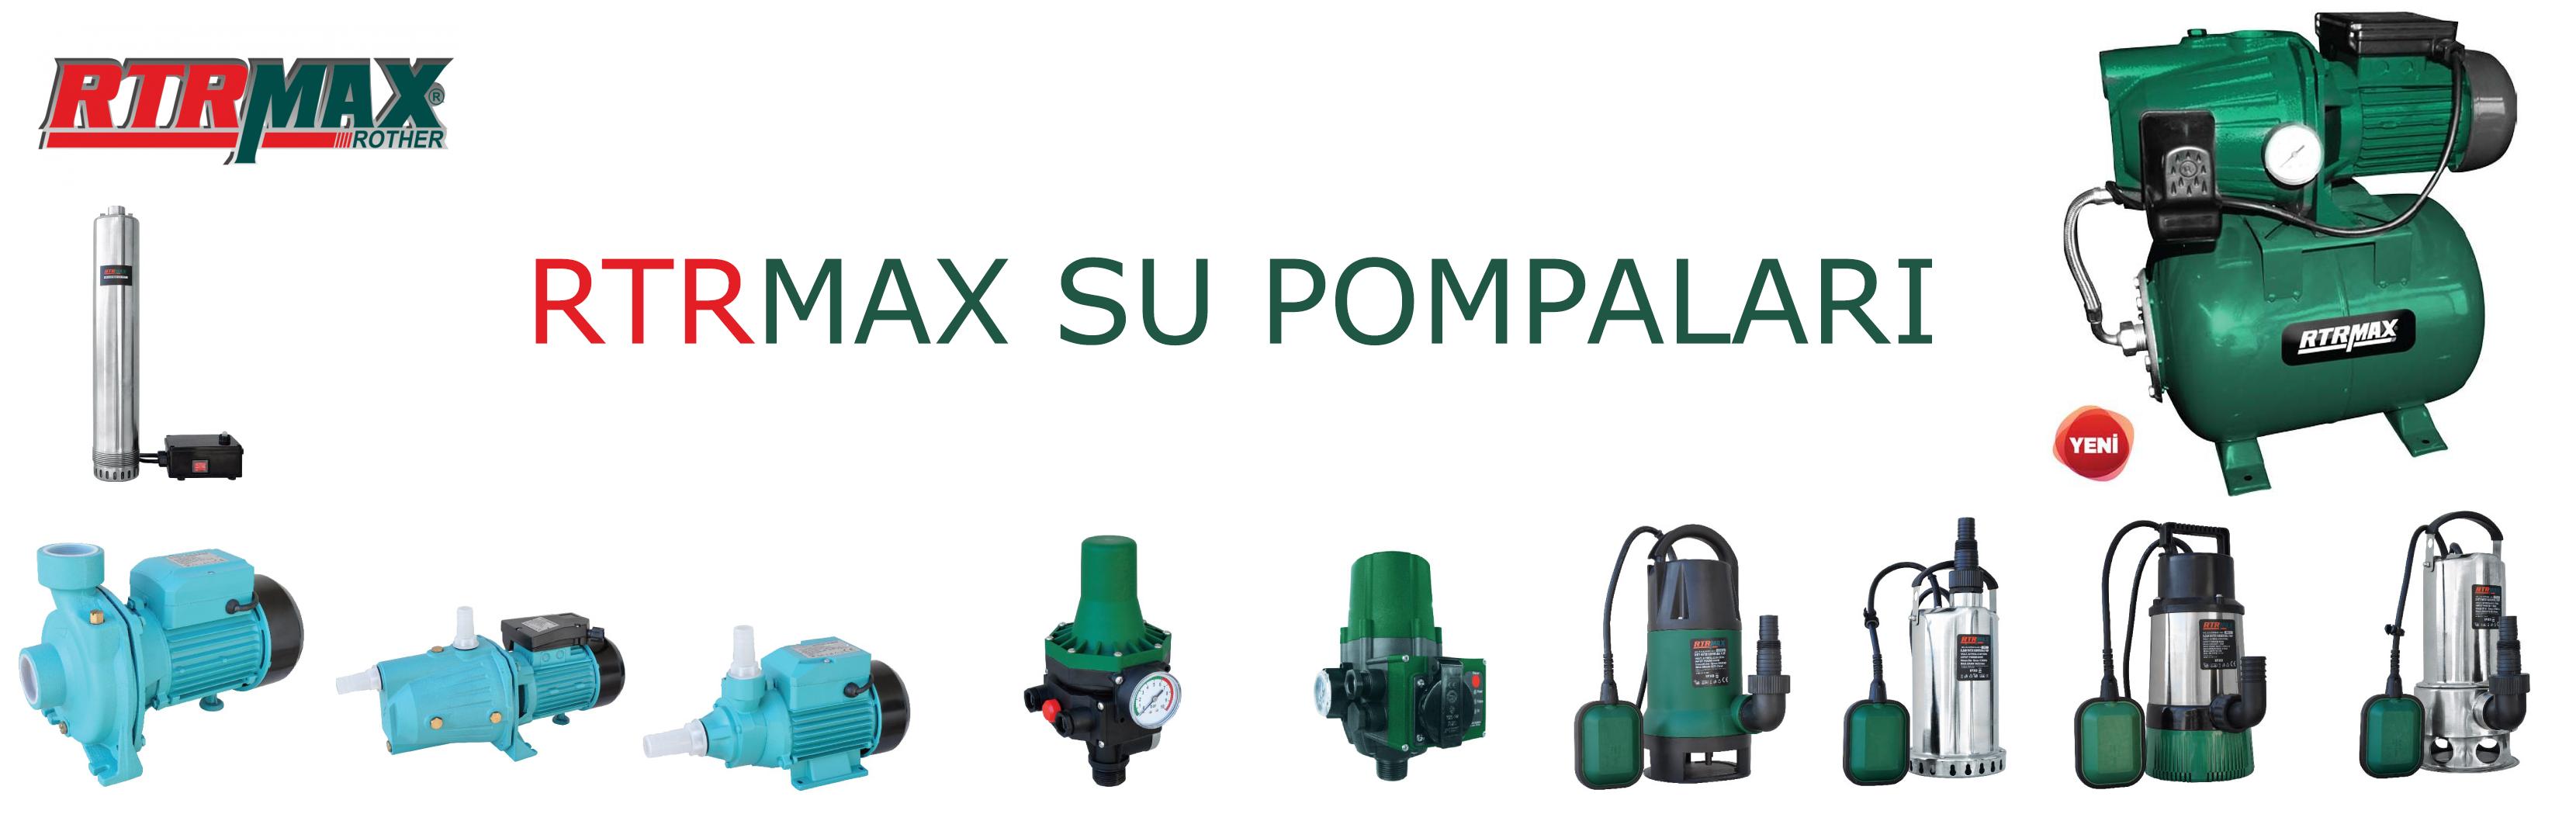 Rtrmax Pompa Modelleri